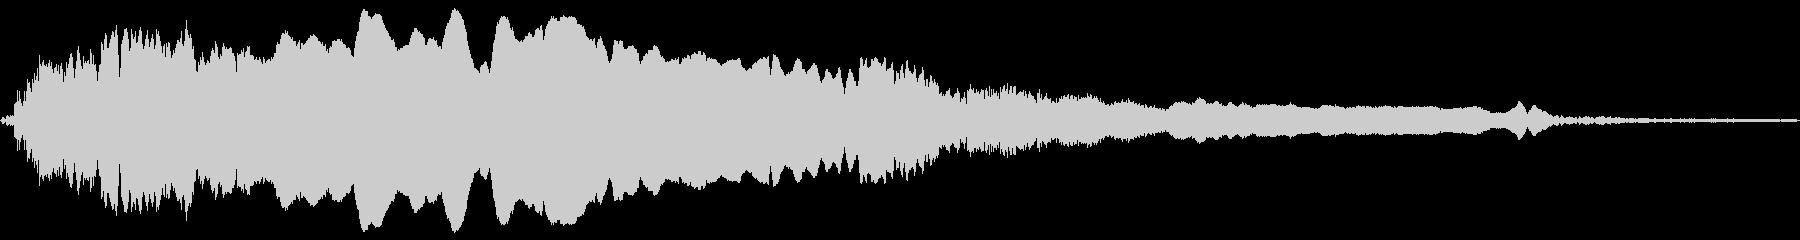 ウルフハウル、シングル、エクステリアの未再生の波形